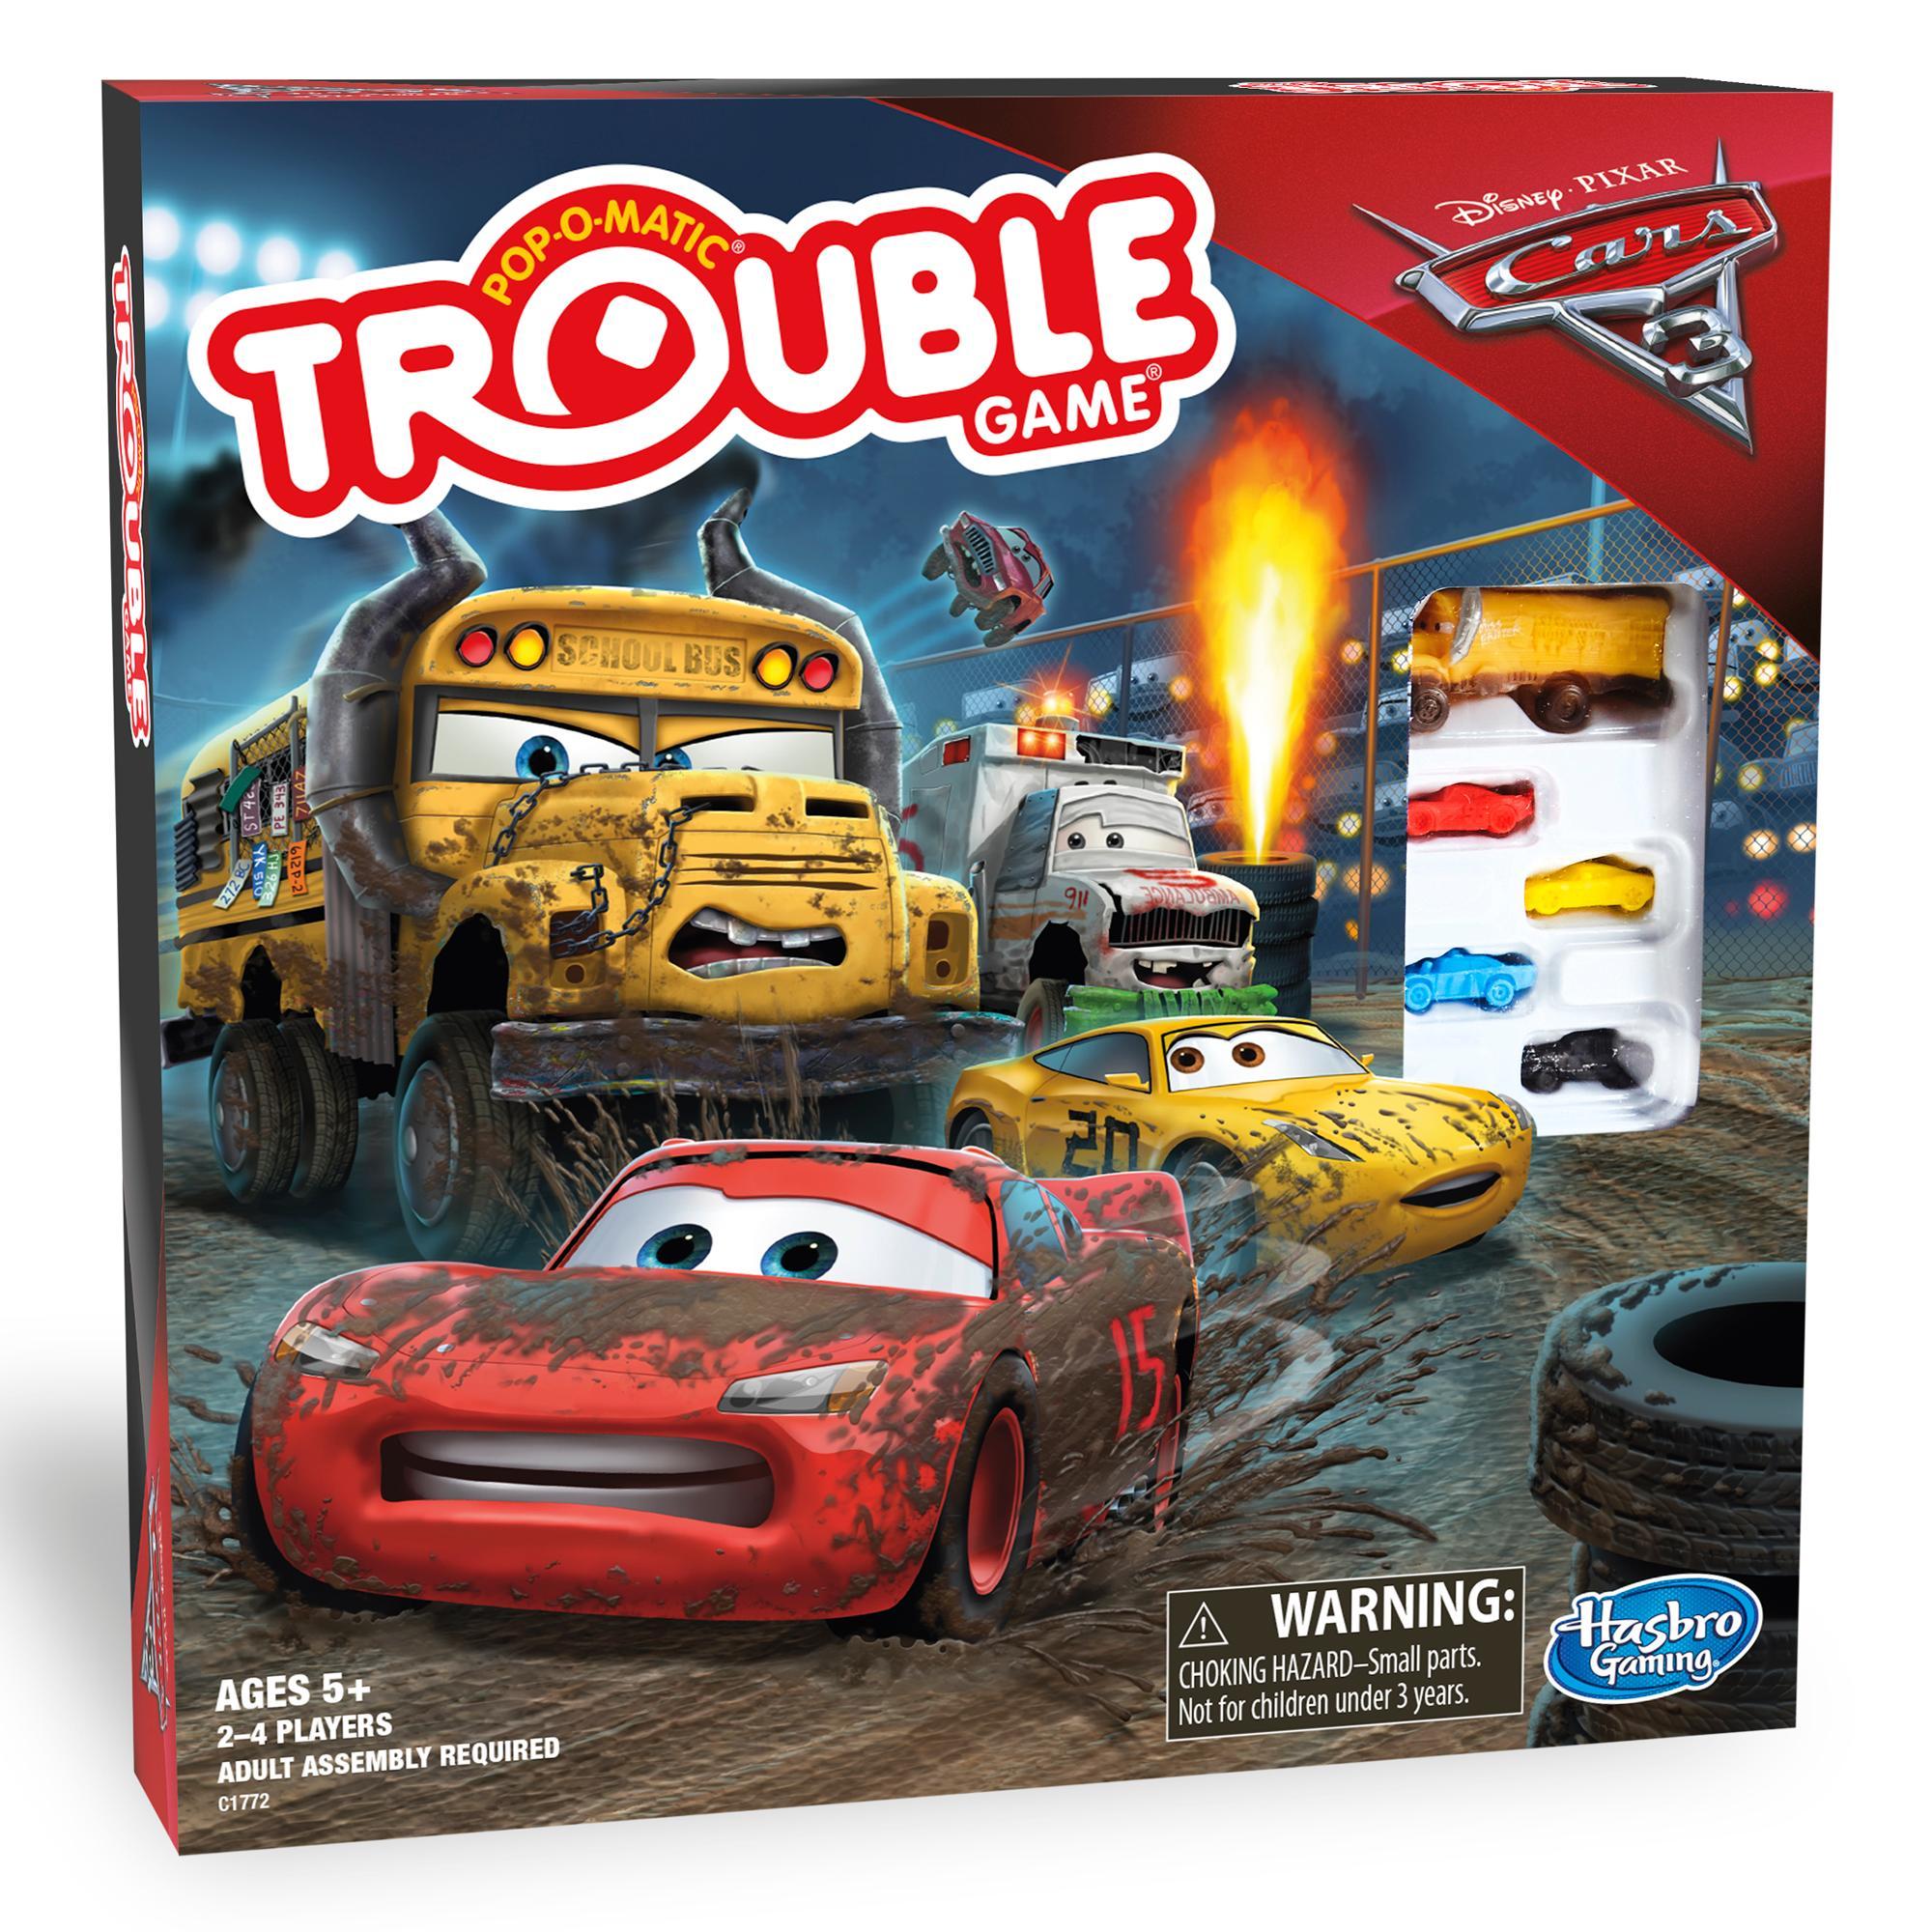 Jeu Trouble, édition Les bagnoles 3 Disney / Pixar